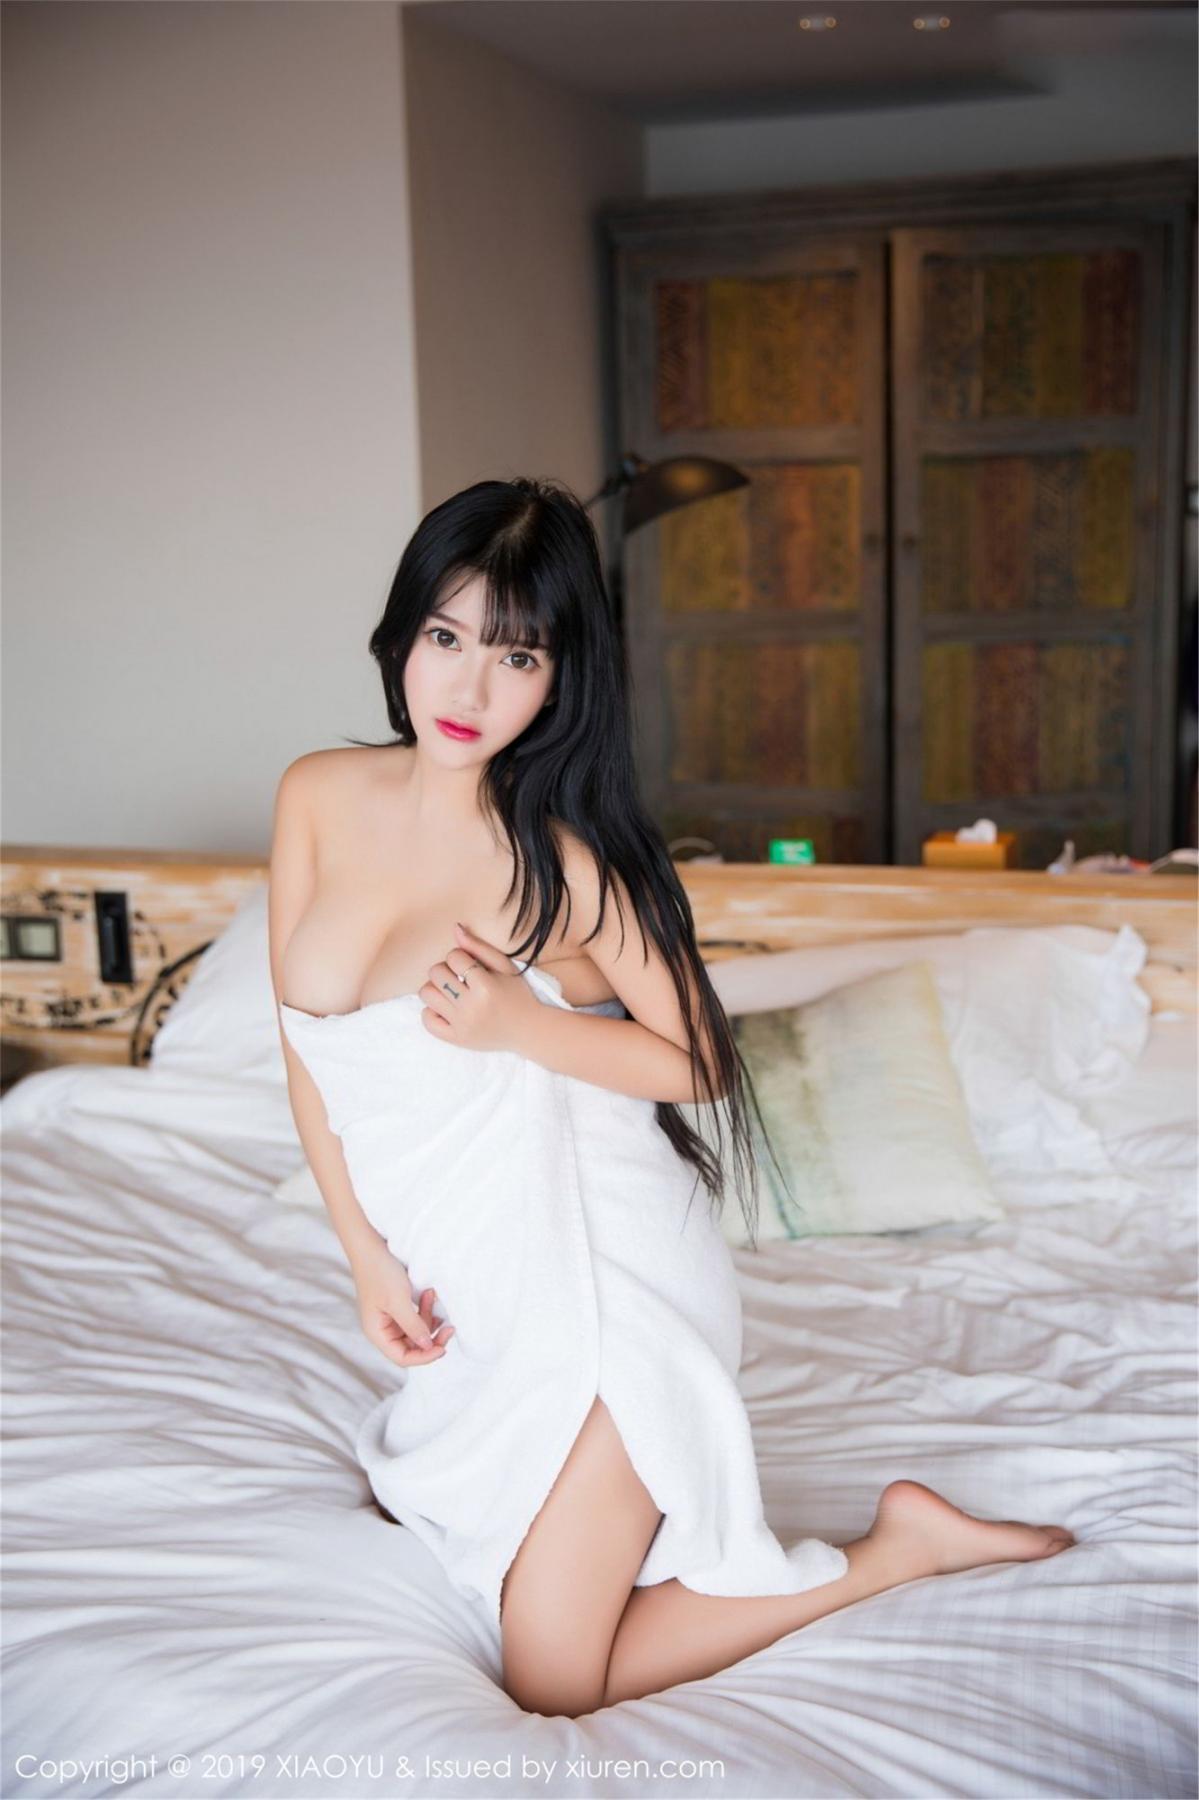 [XiaoYu] Vol.070 Lu Lu Xiao Miao 2P, Baby Face Big Boobs, Lovely, Lu Lu Xiao Miao, XiaoYu